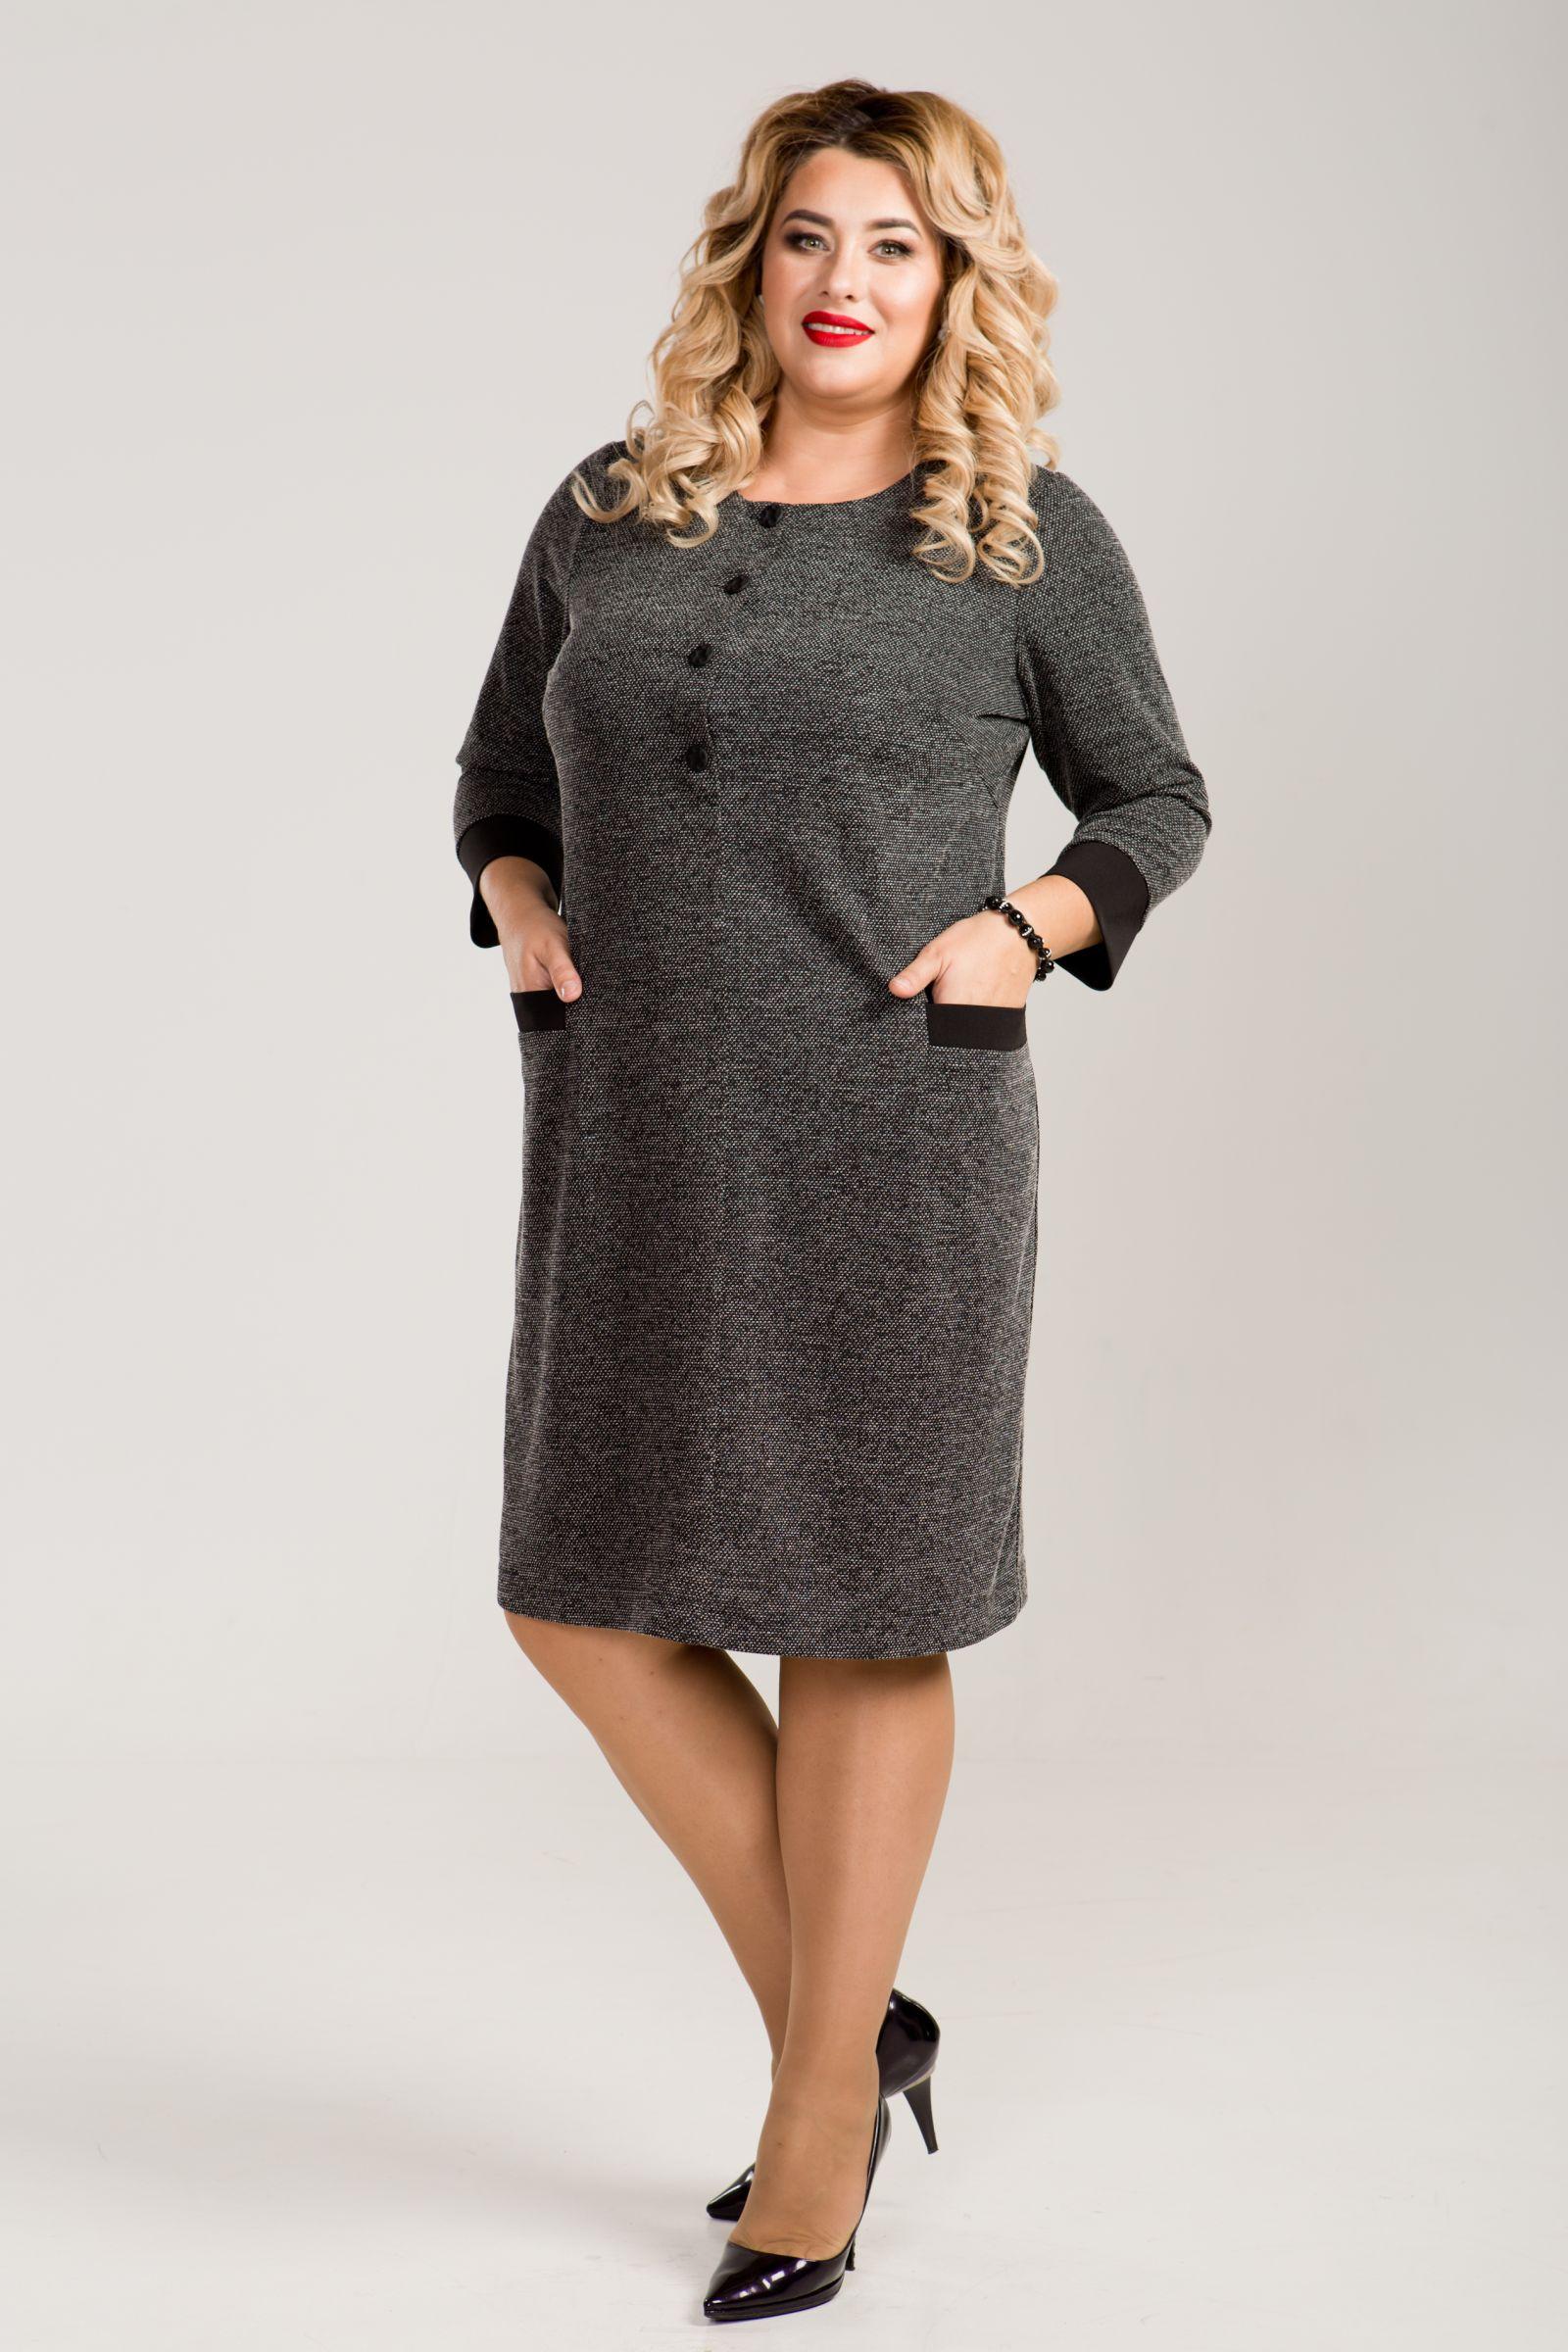 Полуприлегающее платье для женщин